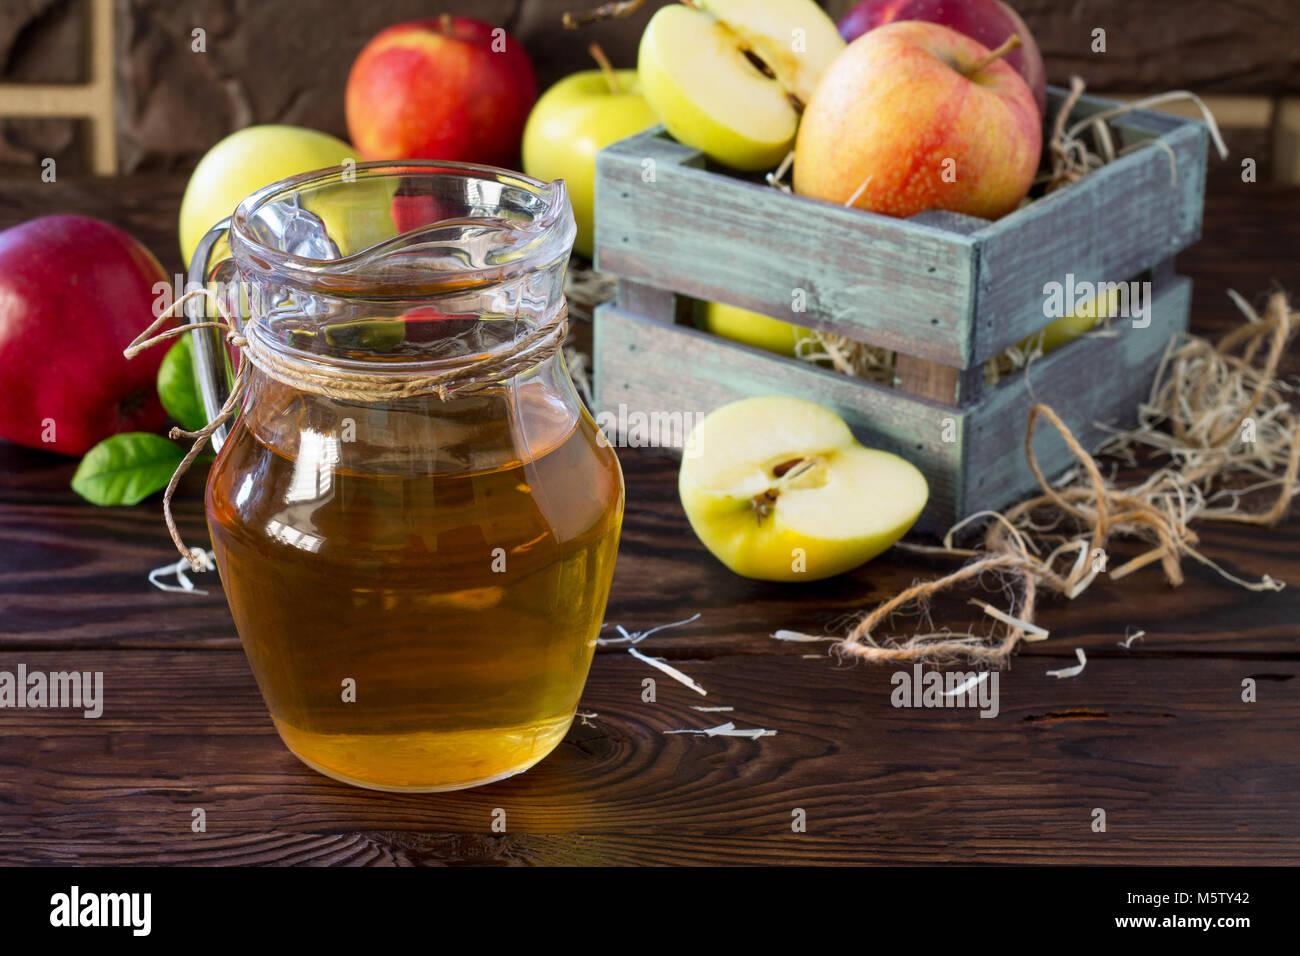 Frischen fruchtigen Apfelsaft und reife Äpfel auf einem Holztisch. Das Konzept der Ernährung für Stockbild